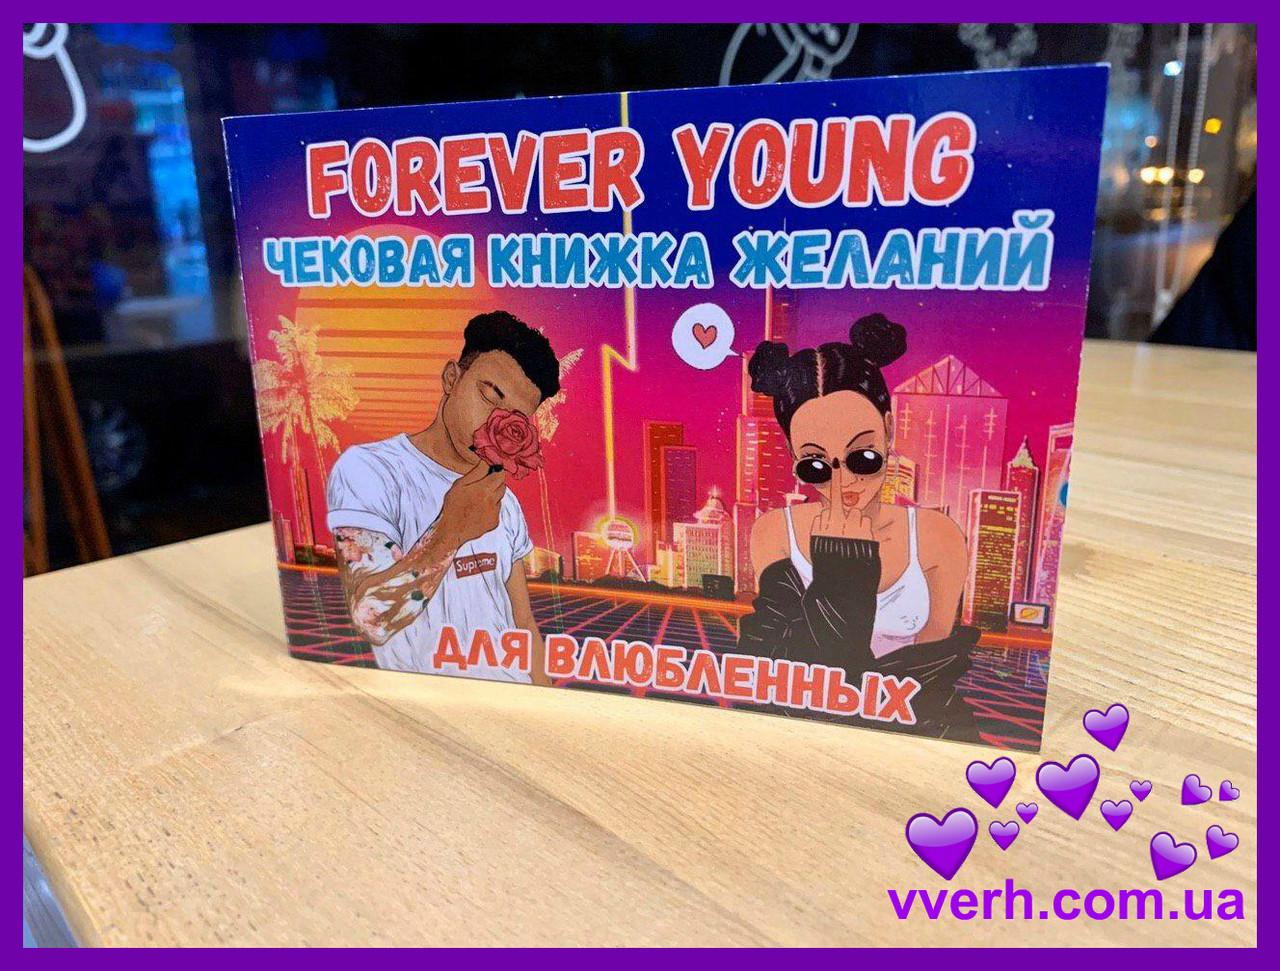 Чековая книжка желаний для влюблённых Forever Young - оригинальный романтичный подарок (16 страниц)